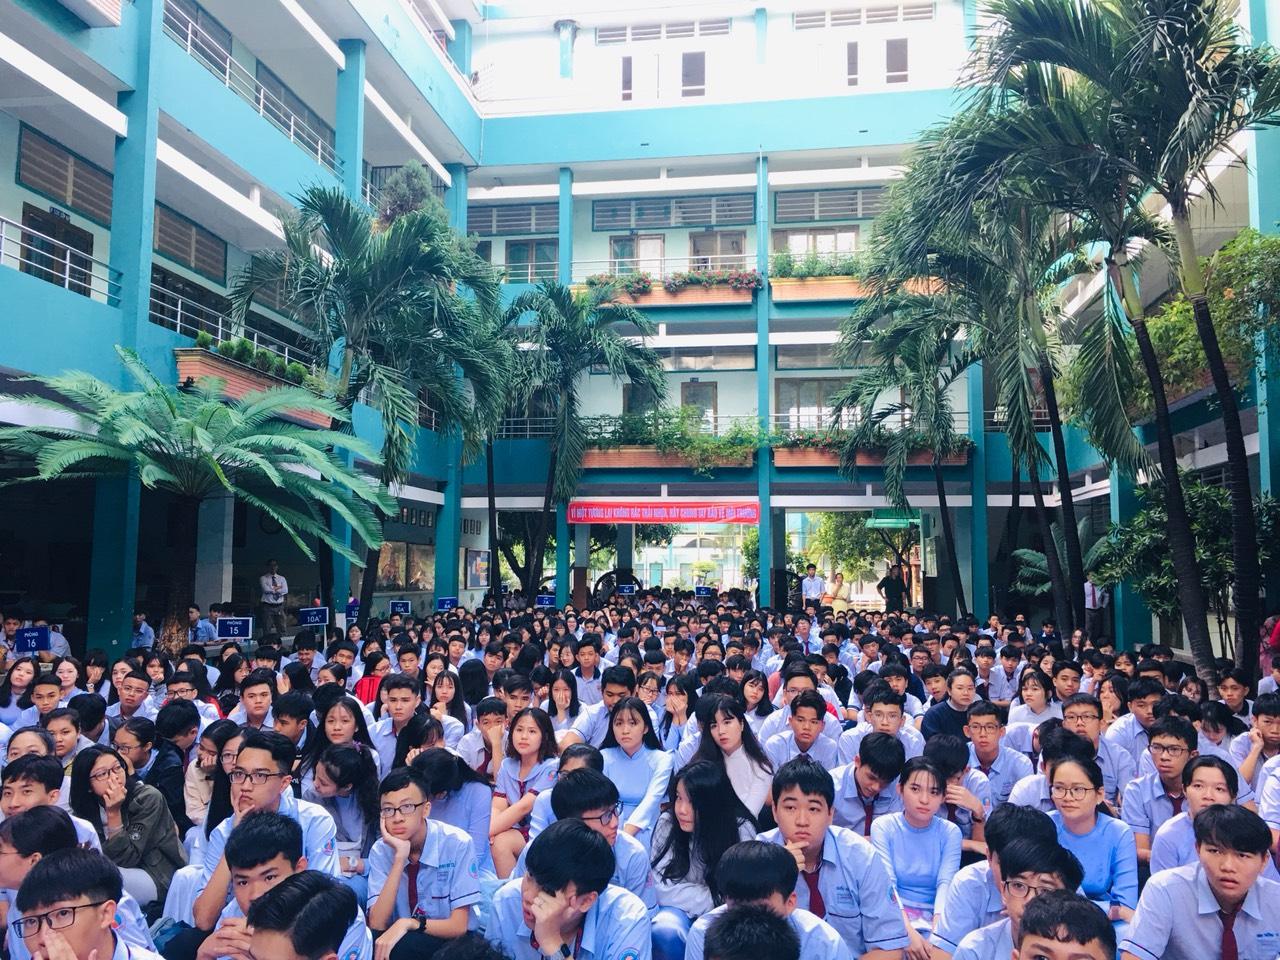 Chọn trường cấp 3 tại Hồ Chí Minh – chọn trường tư thục uy tín Hồng Đức - Trường THCS - THPT Tư thục Hồng Đức